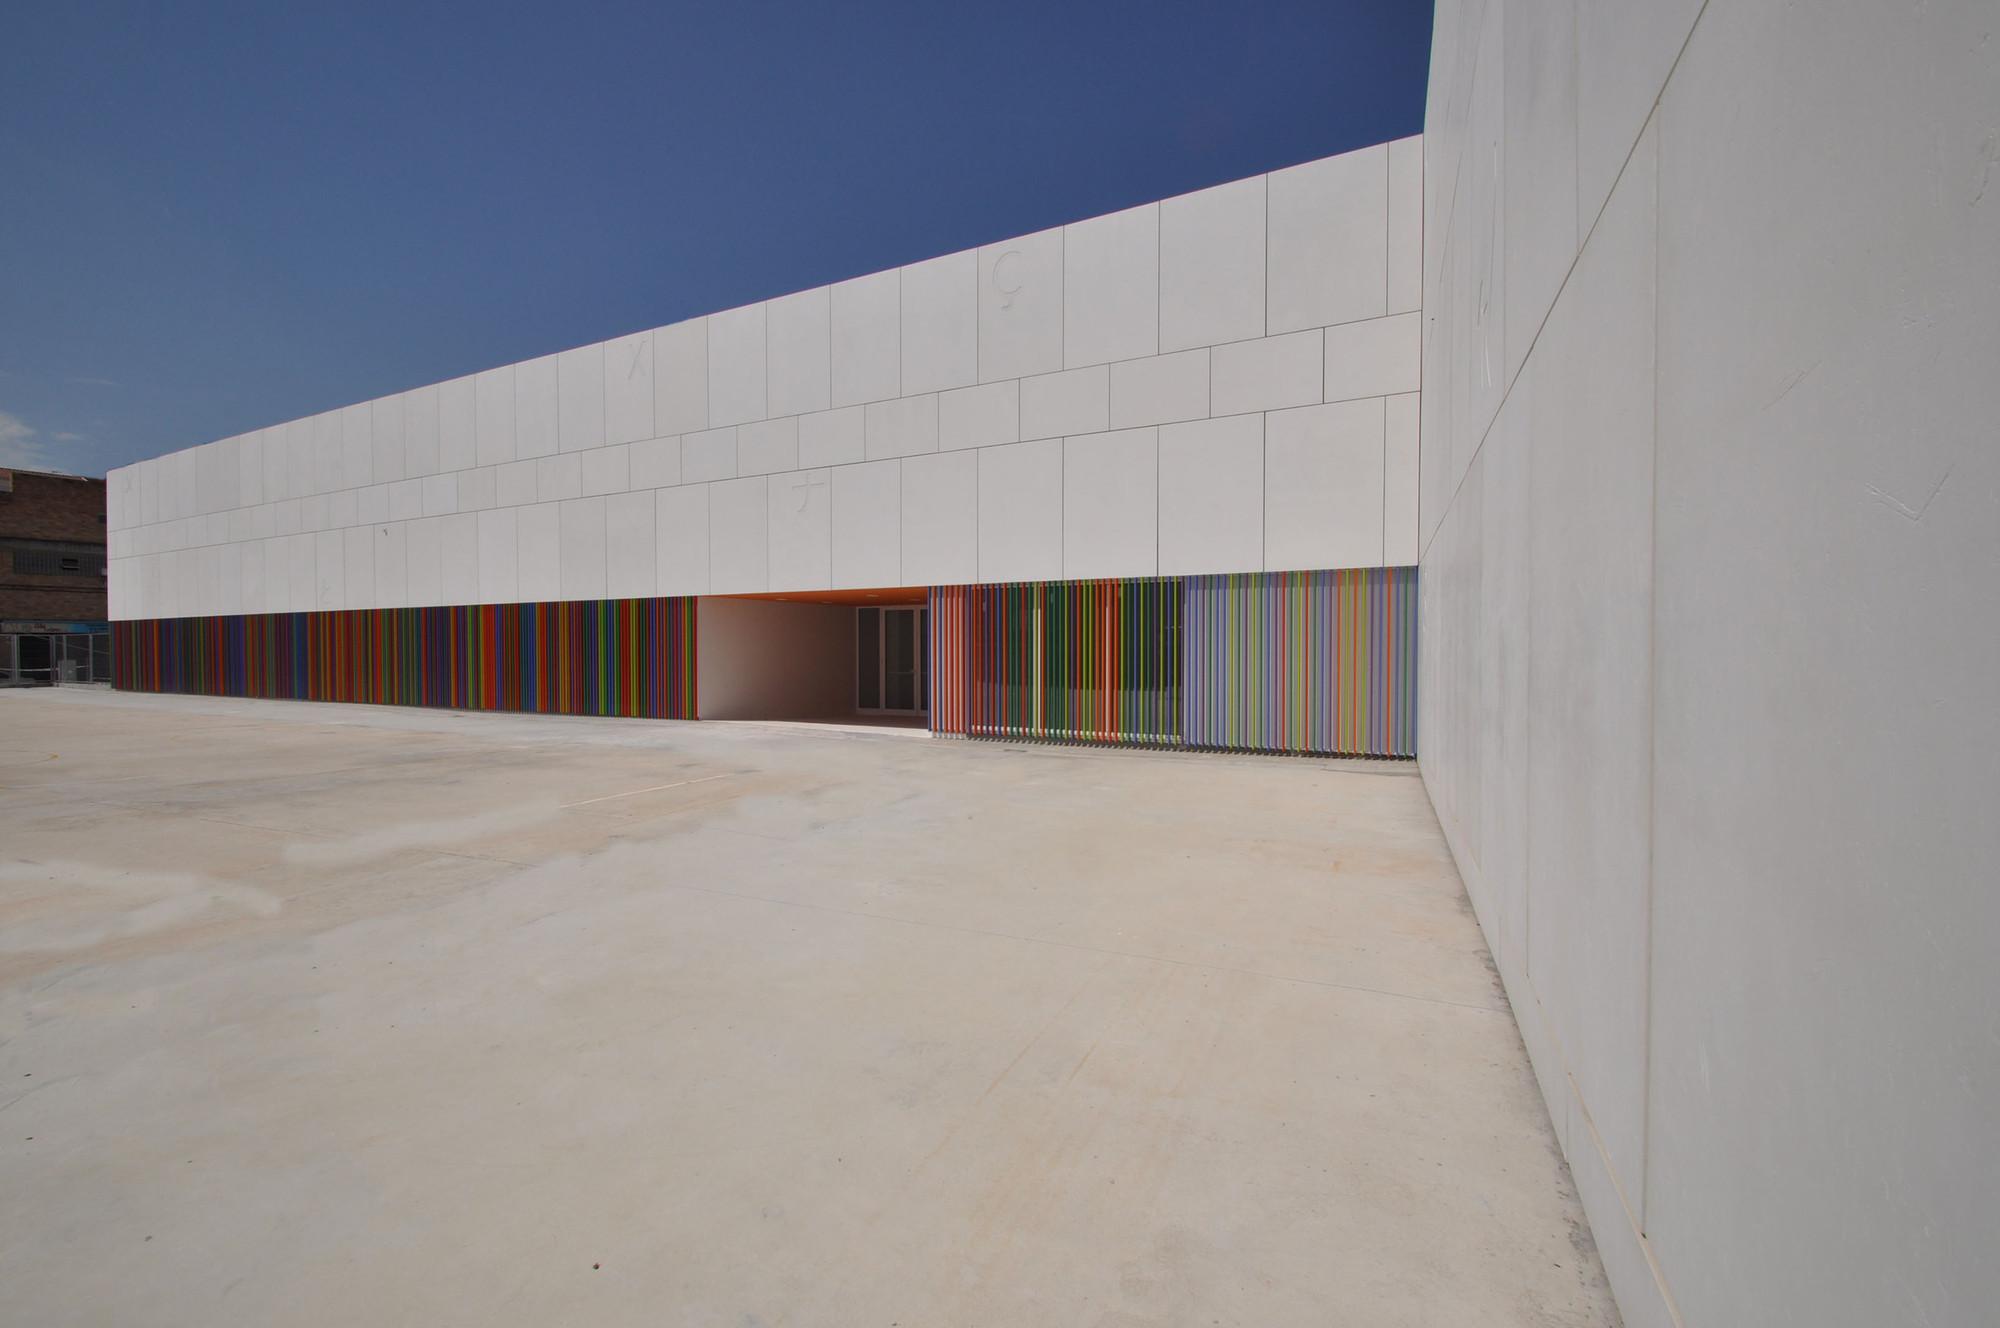 Centro Cultural en Montbui / Pere Puig arquitecte, Cortesía de Pere Puig arquitecte